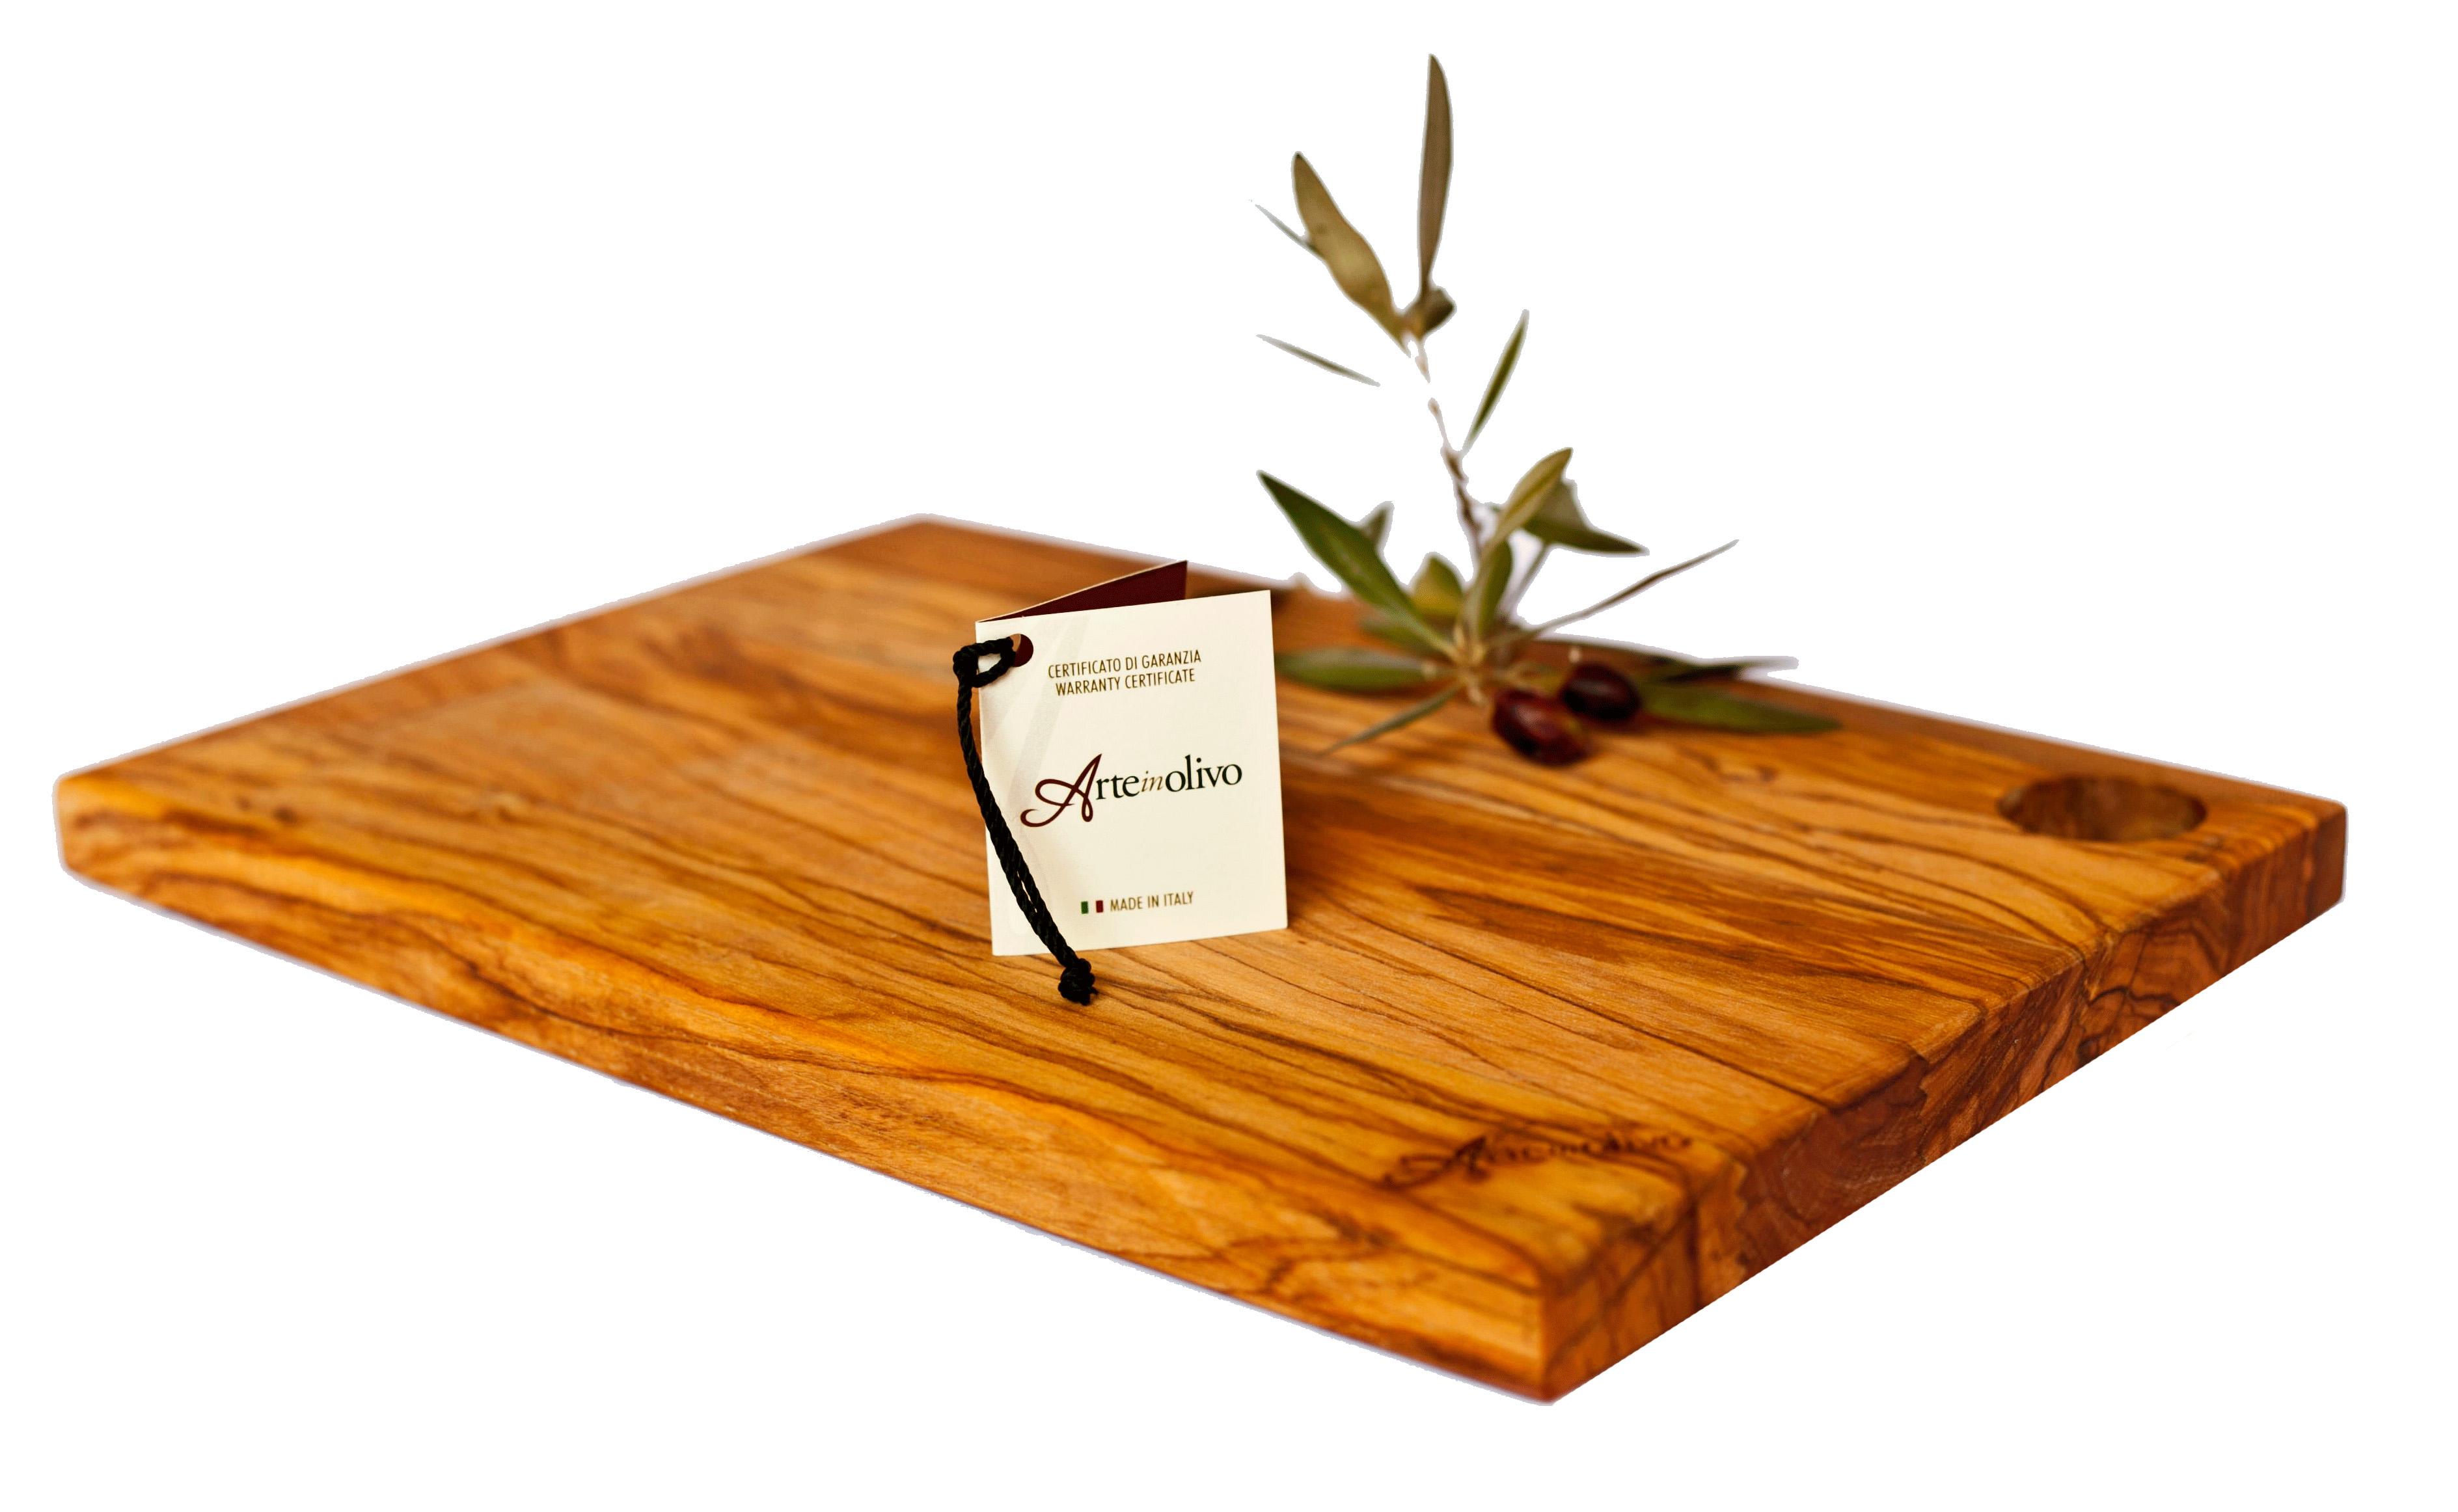 Parquet In Legno Di Ulivo tagliere rettangolare in legno di olivo   arte in olivo